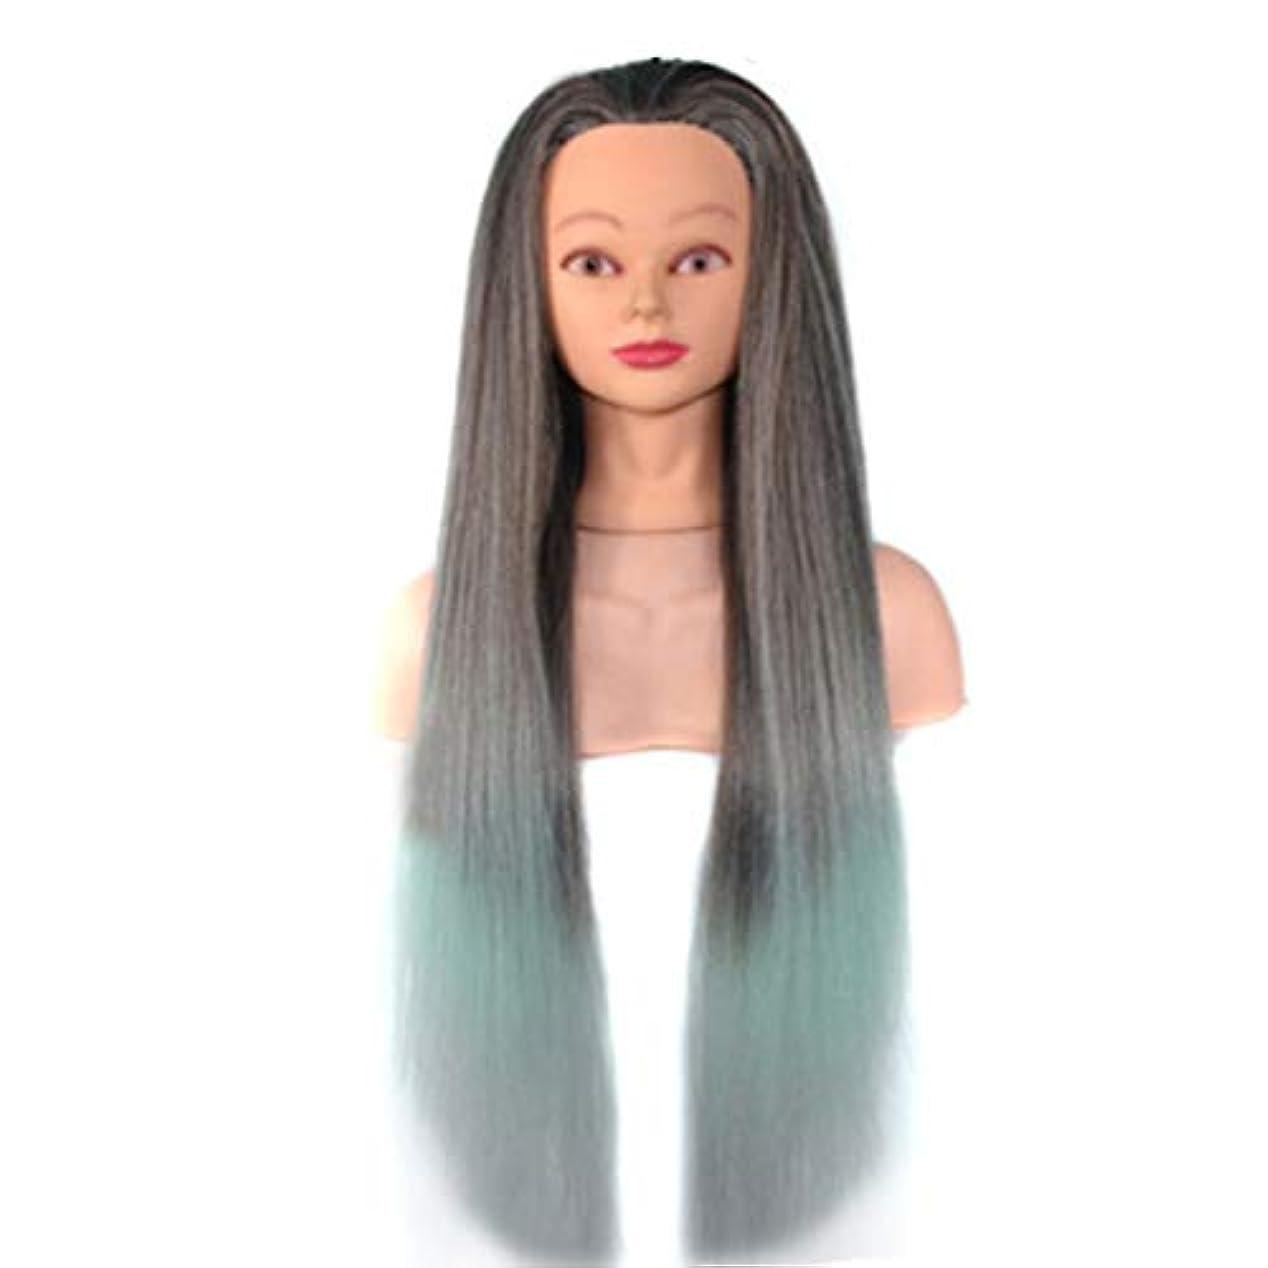 例滑る弱点化粧板髪練習帽子ジュエリーディスプレイヘッド金型高温シルクグラデーションカラートレーニングヘッドヘアマネキン,09